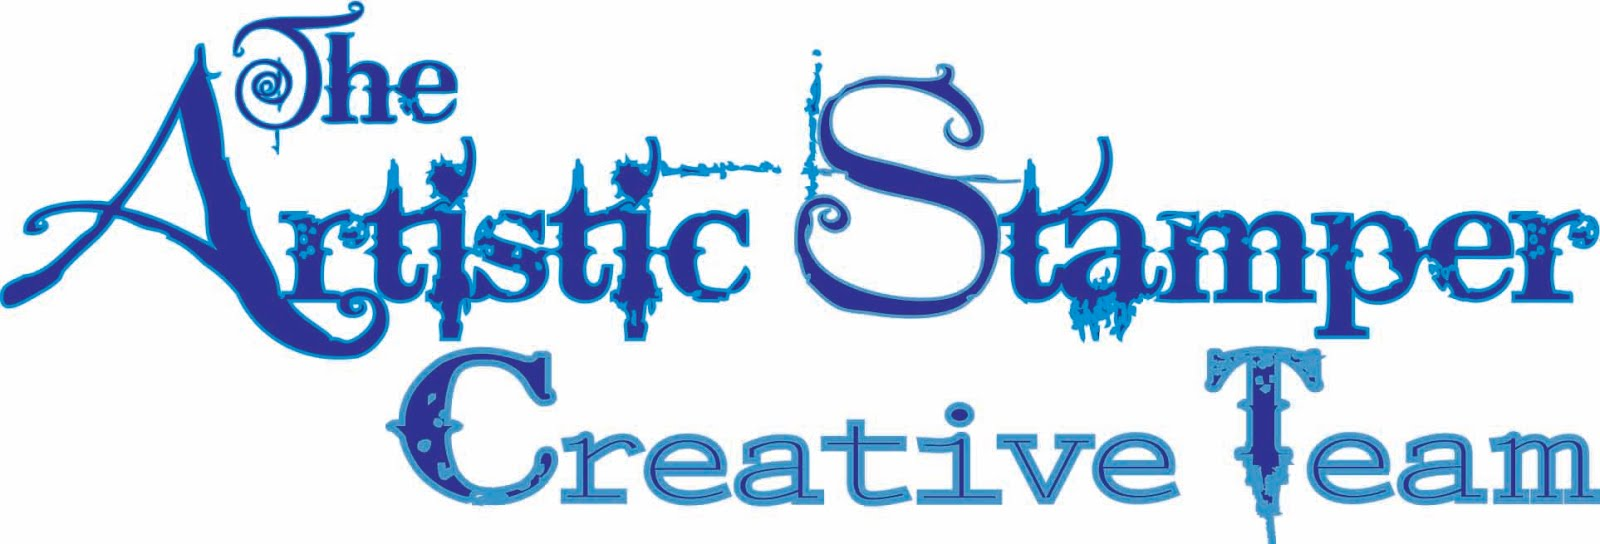 I create for